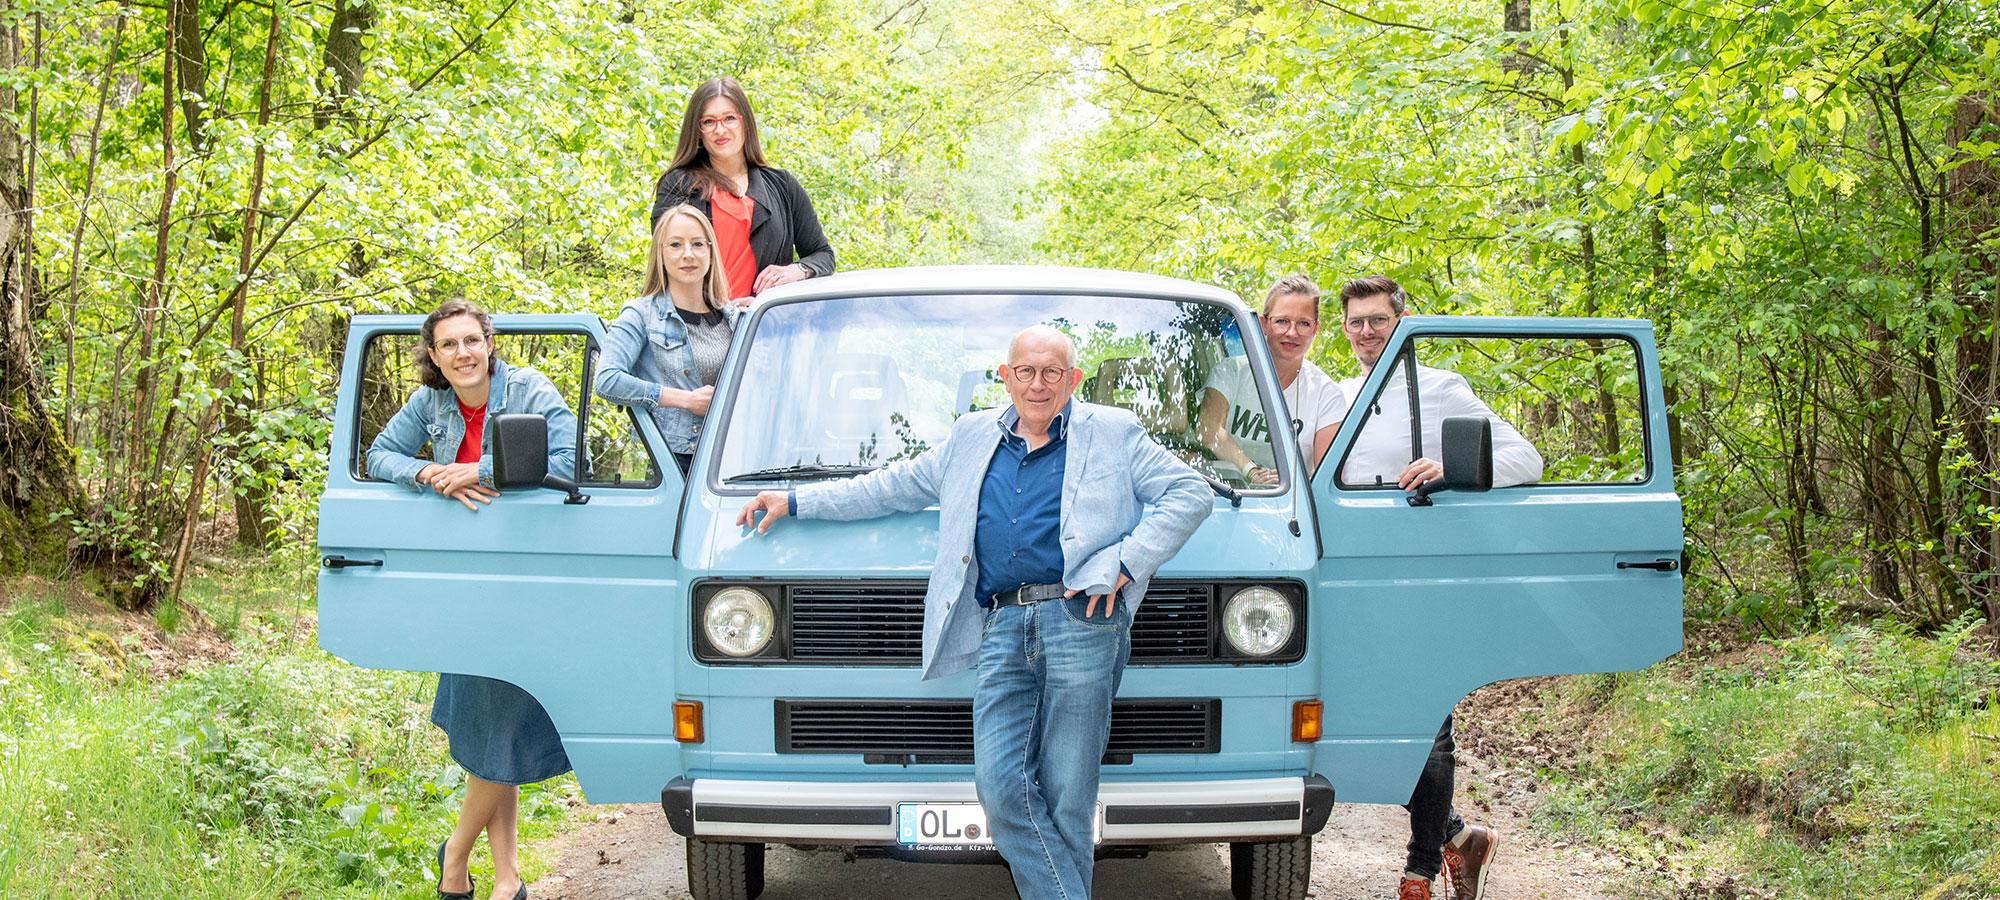 Gruppenfoto vom Harting Team mit einem blauen Van